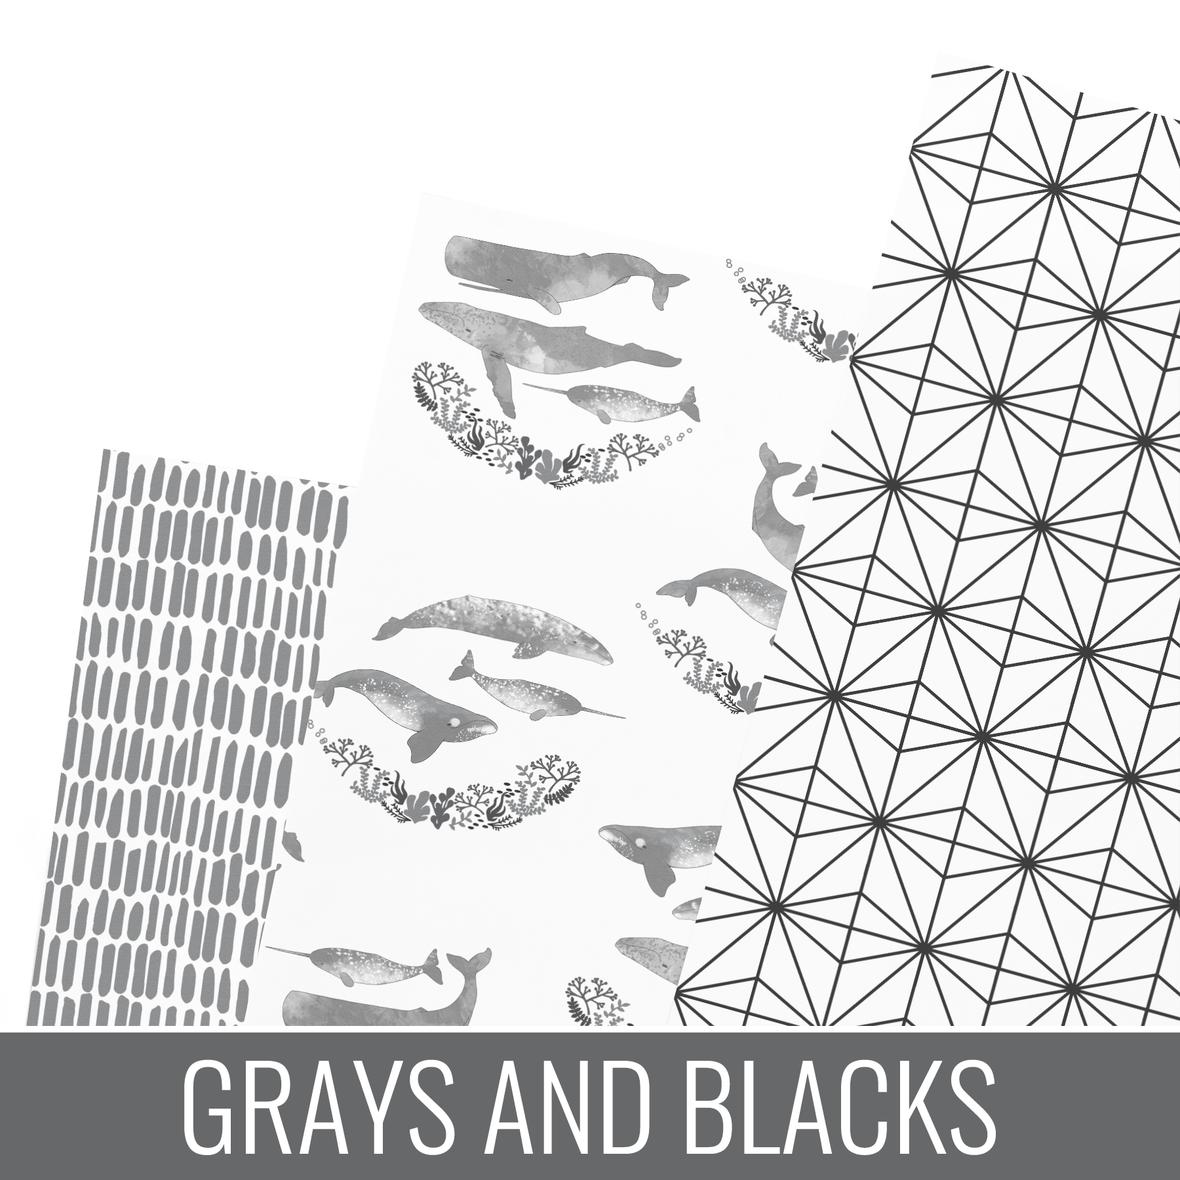 Grays and Blacks final